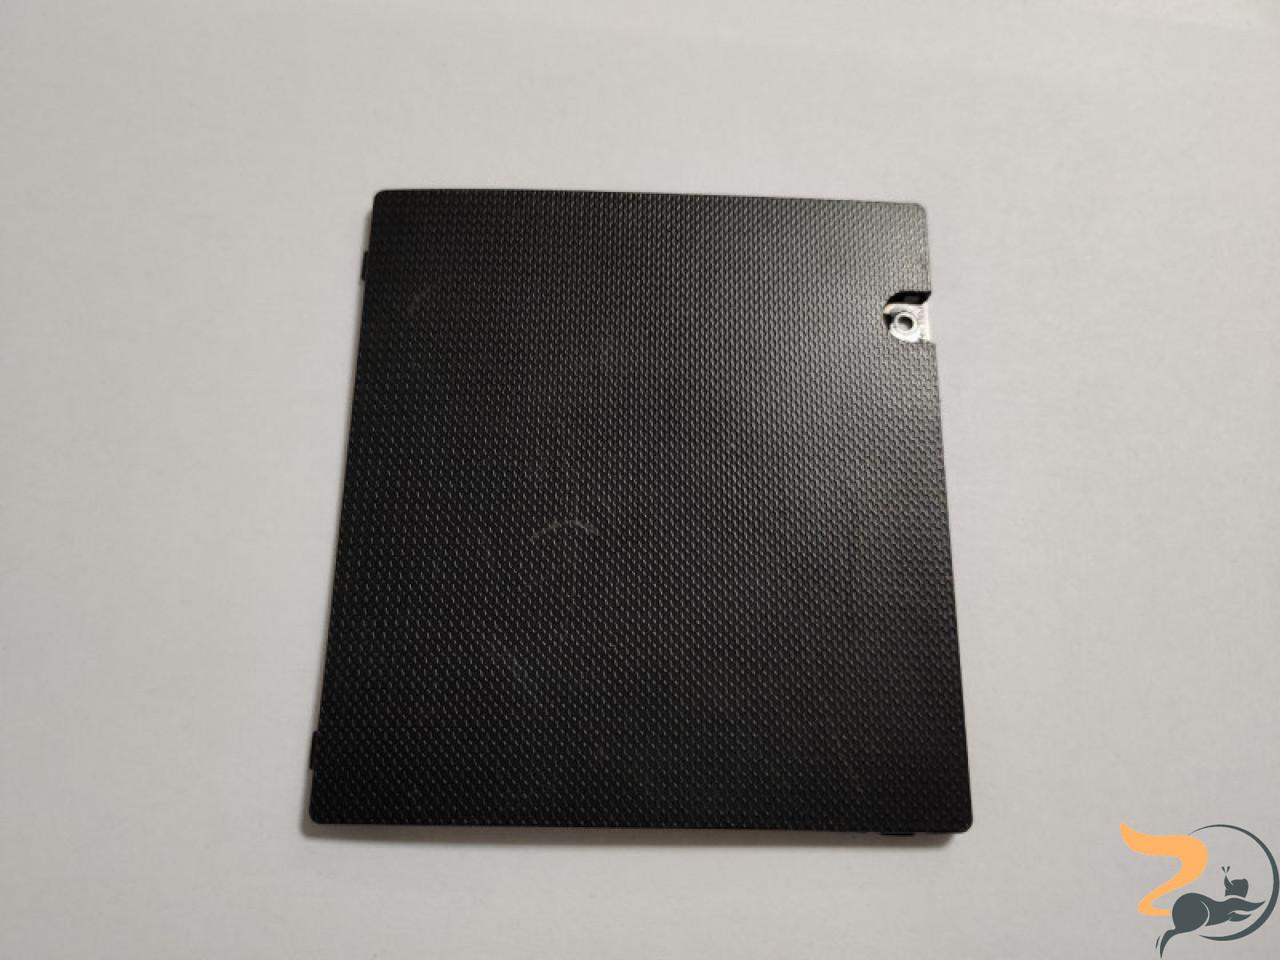 """Сервісна кришка для ноутбука Asus Eee PC 1215B, 1215N, 12.1"""", 13NA-2HA0L01, 3AEJ2RDJN00, 13GOA2H1AP100-10, Б/В, В хорошому стані, без пошкоджень."""